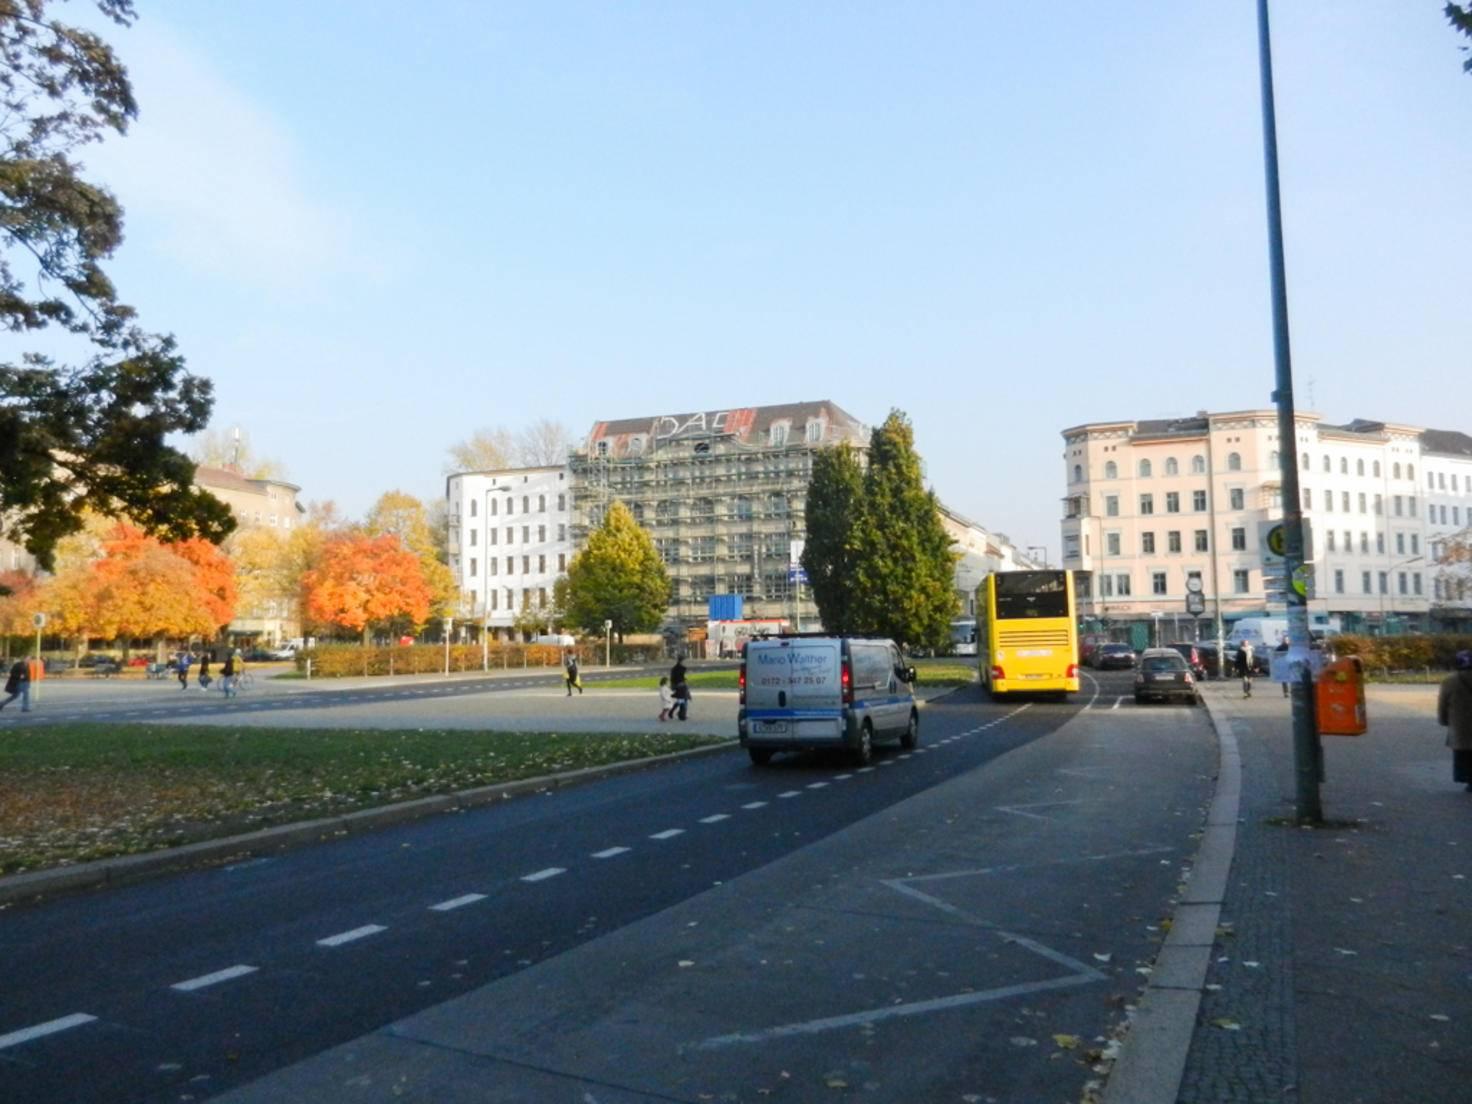 Besser zu Fuß als mit dem Bus – die Linie M29 ist quasi nie pünktlich.